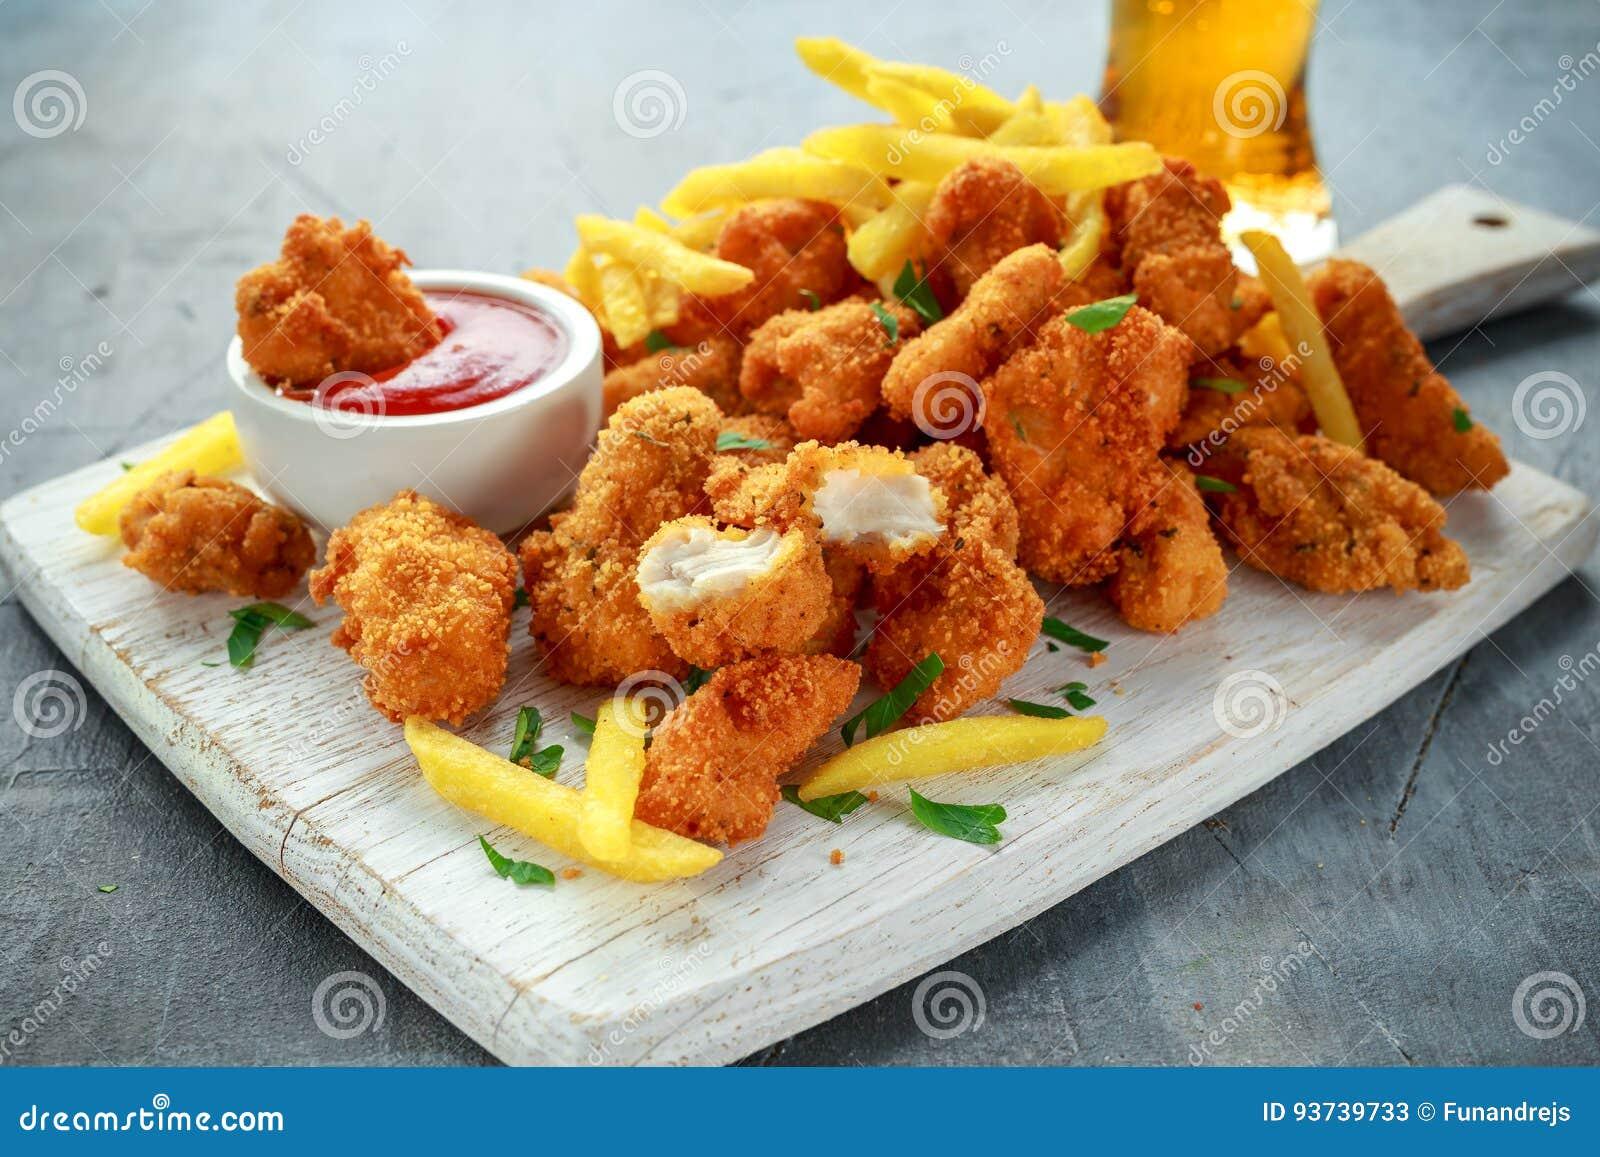 Pépites de poulet croustillantes frites avec les pommes frites, le ketchup et la bière sur le conseil blanc